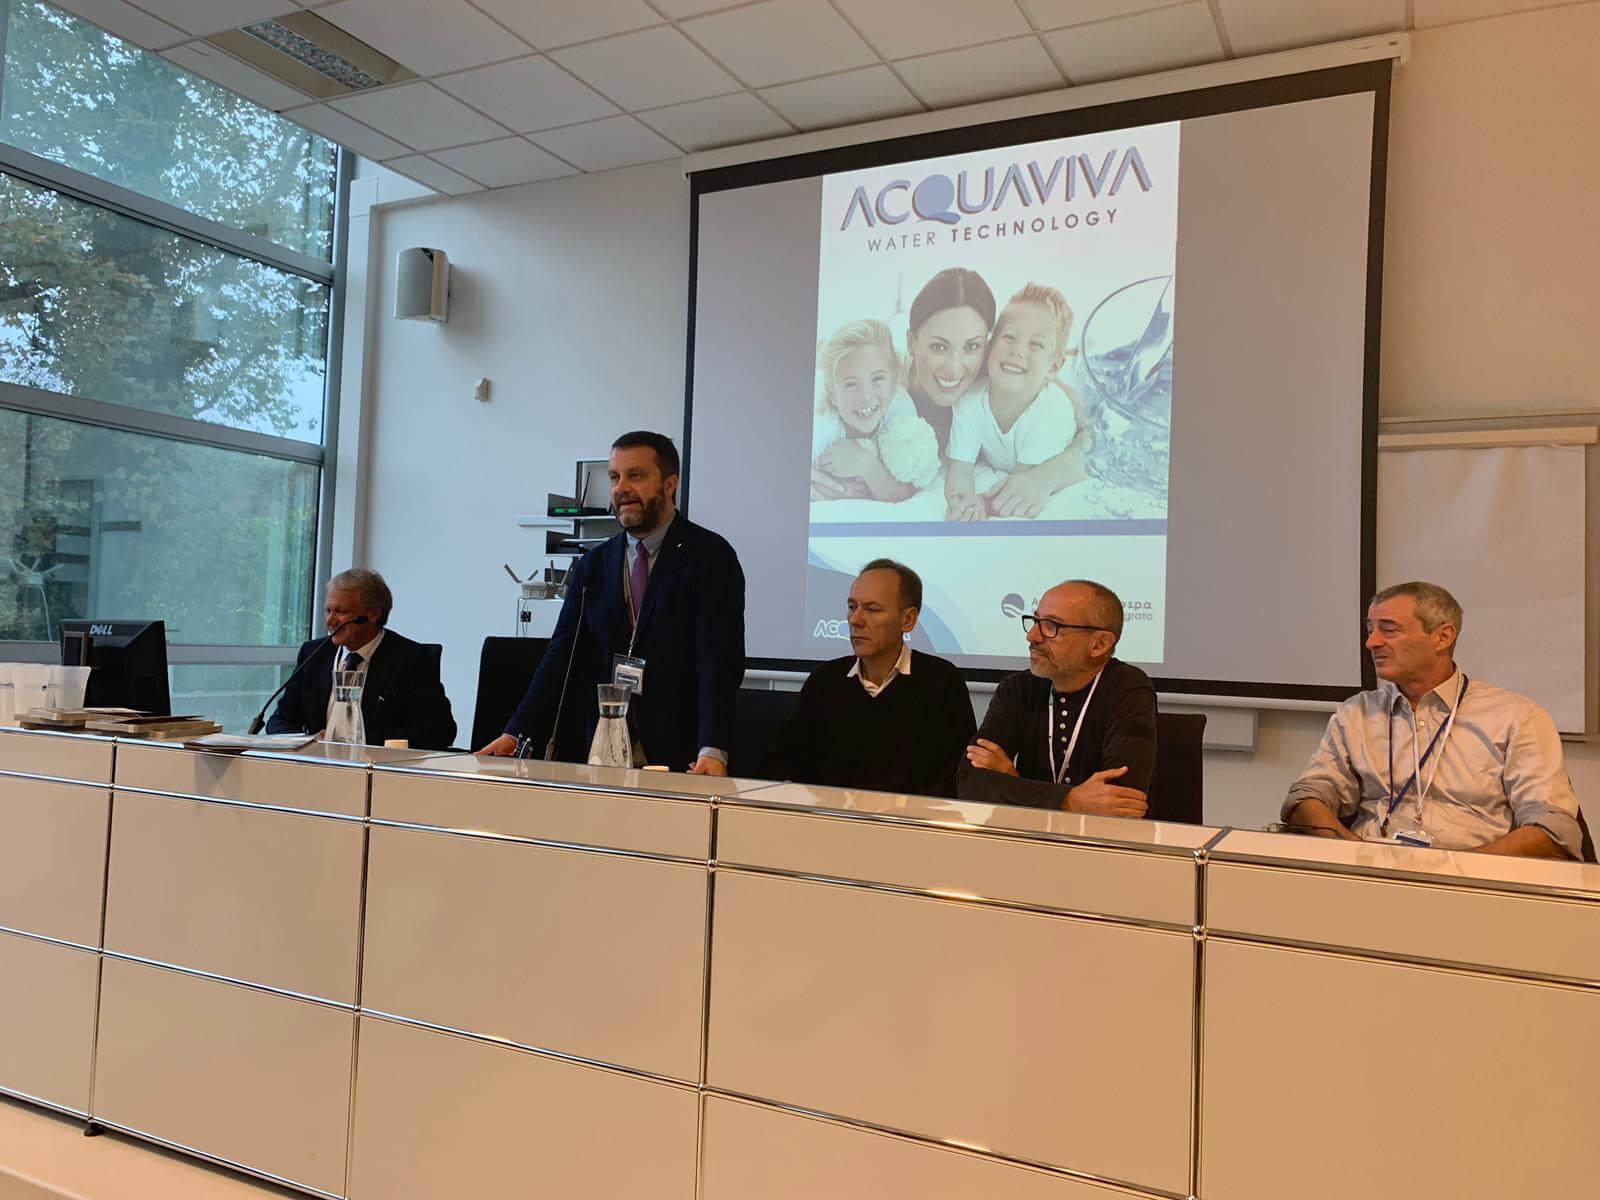 Foto Chiampo conferenza 3